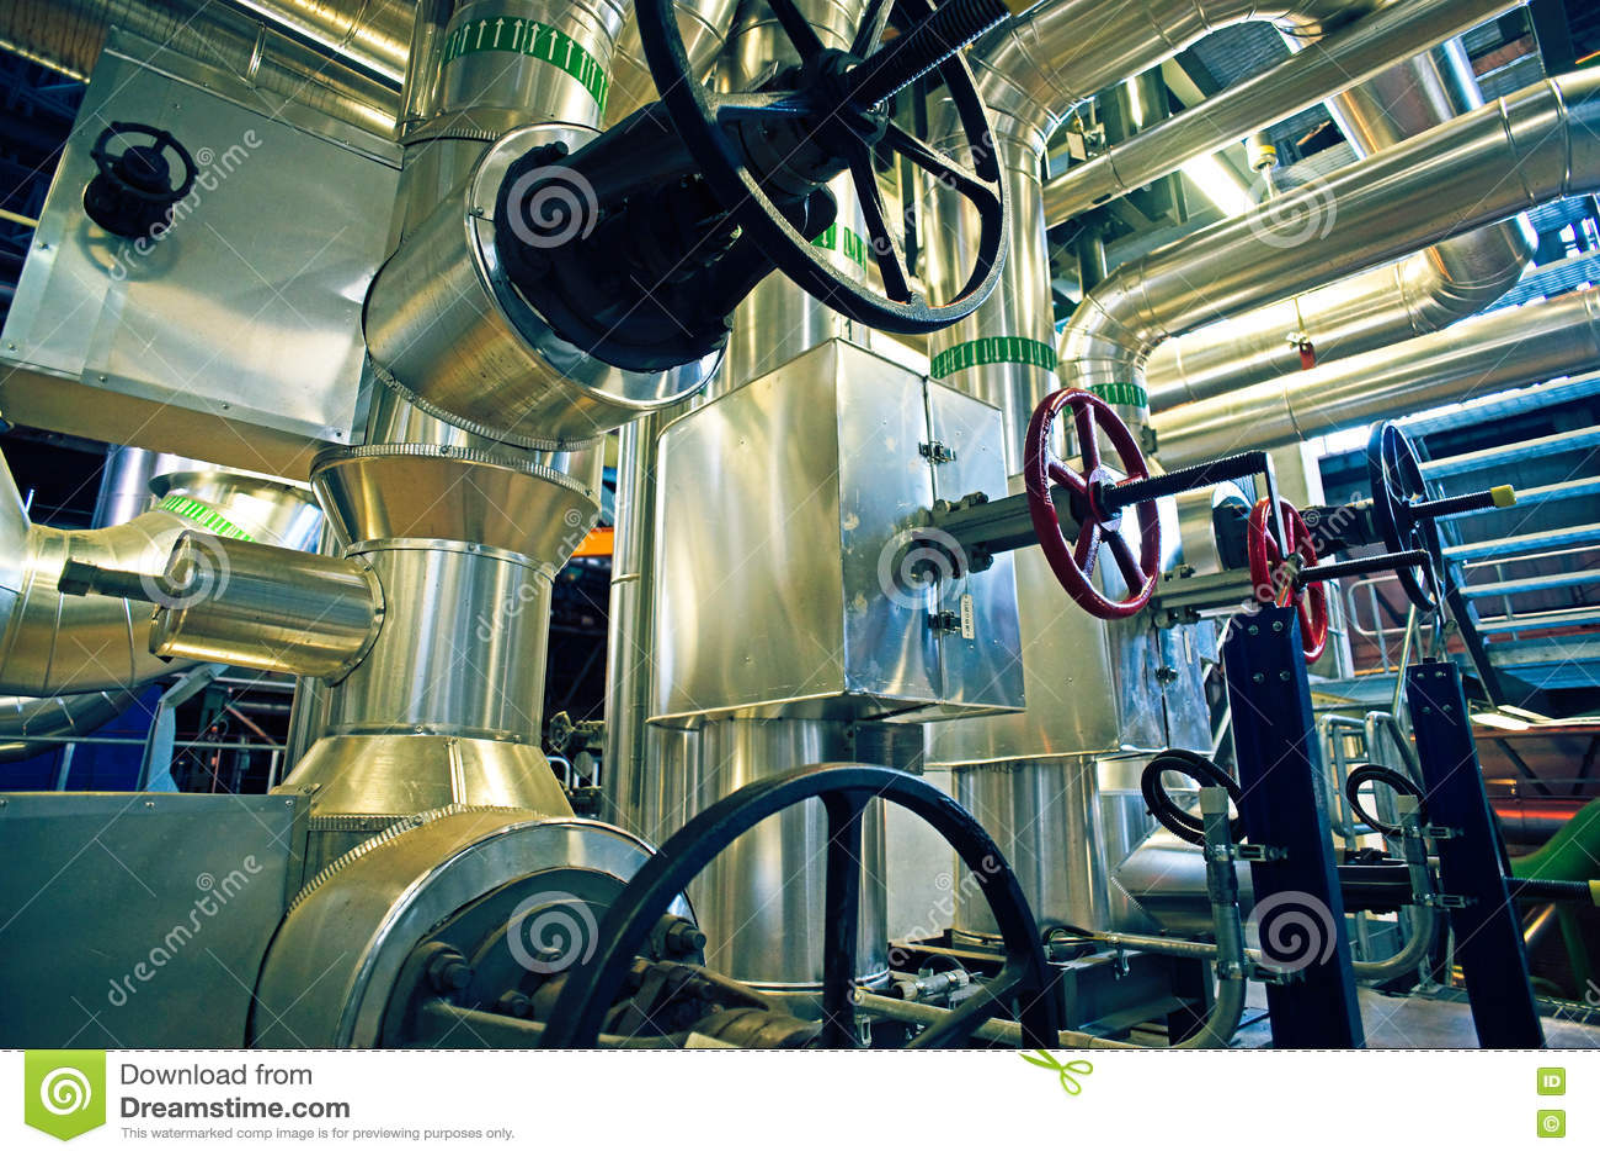 Download Индустриальная зона, стальные трубопроводы, клапаны и танки Стоковое Фото - изображение насчитывающей конспектов, линия: 72299440